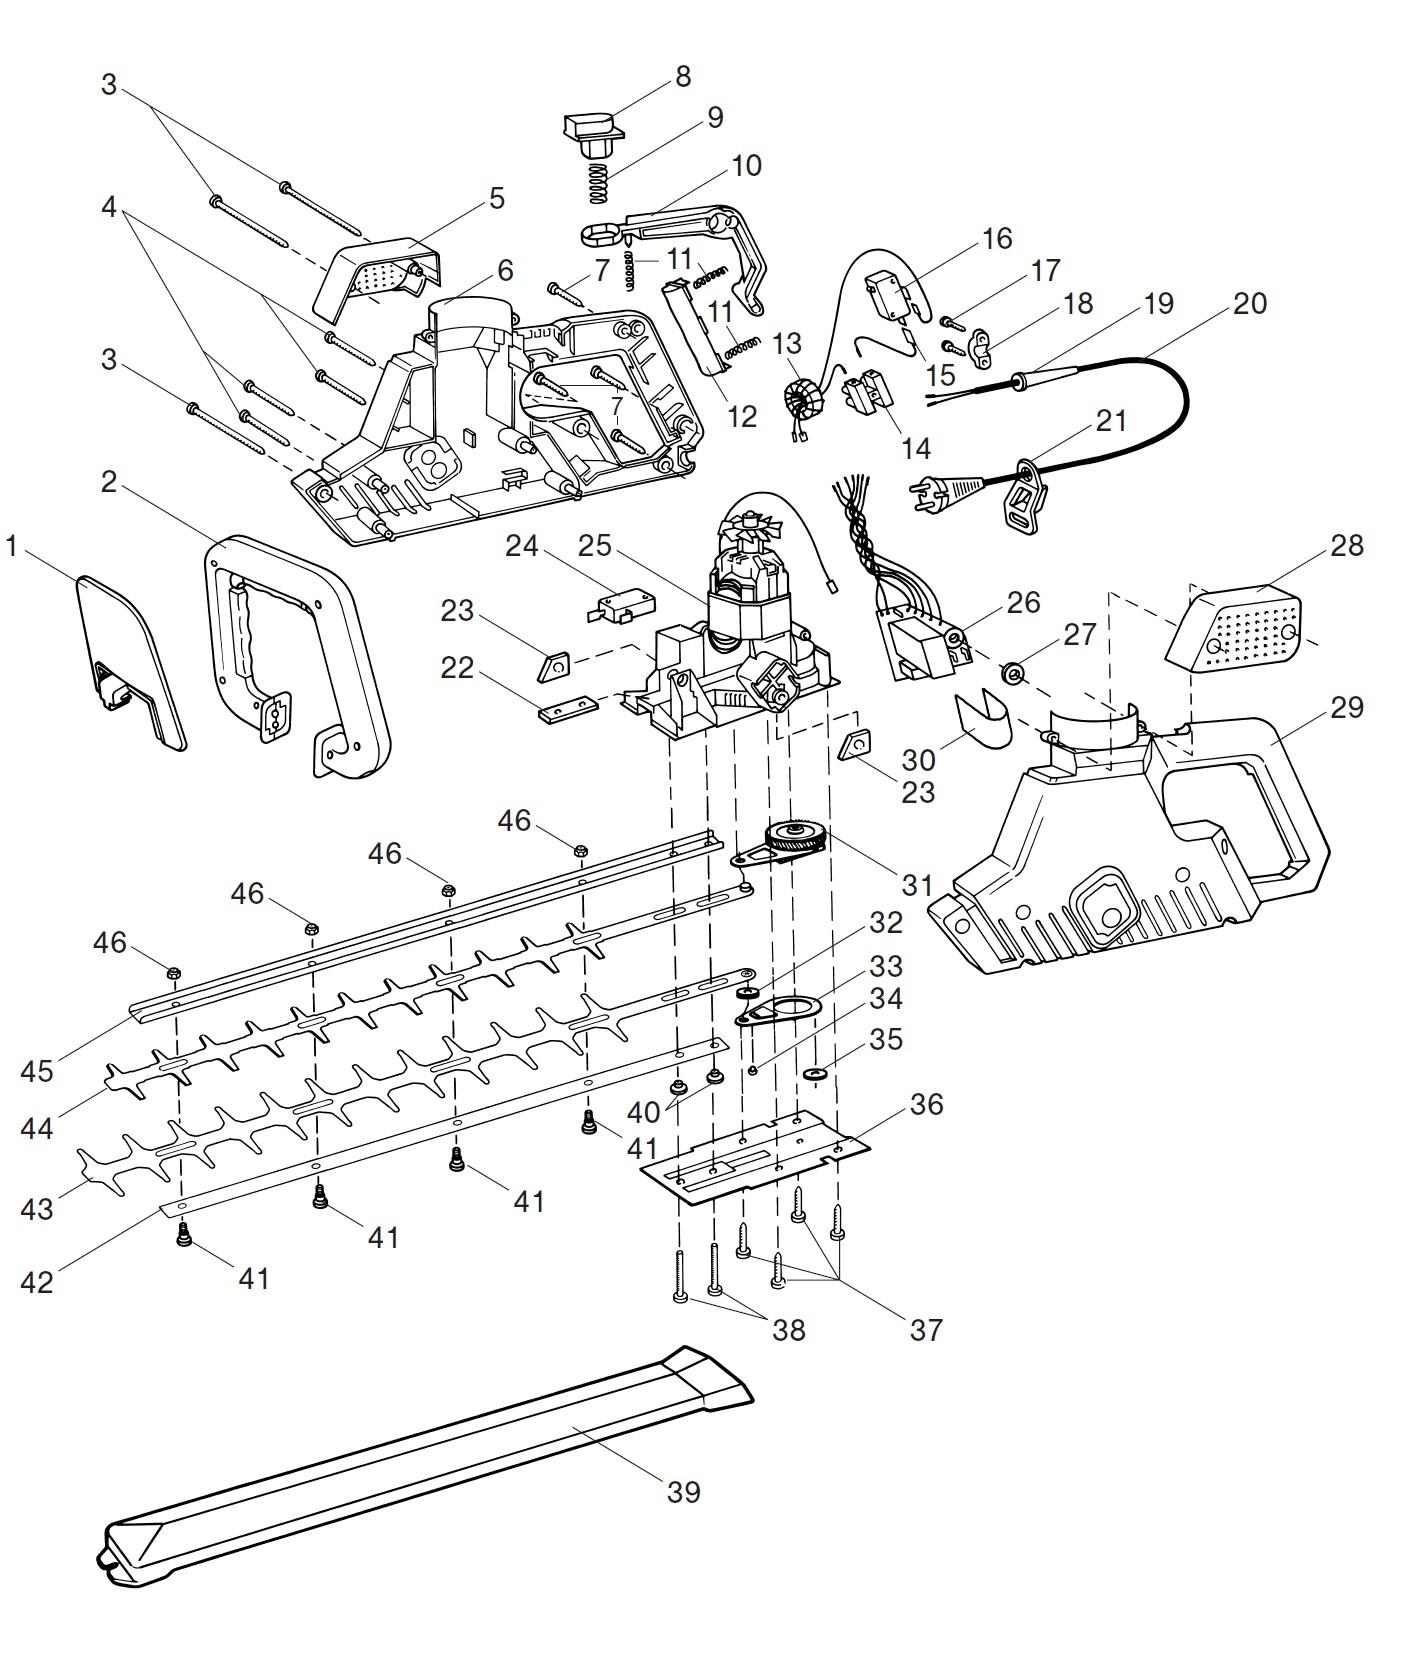 ersatzteile gardena elektro heckenschere 400 pro 2580. Black Bedroom Furniture Sets. Home Design Ideas